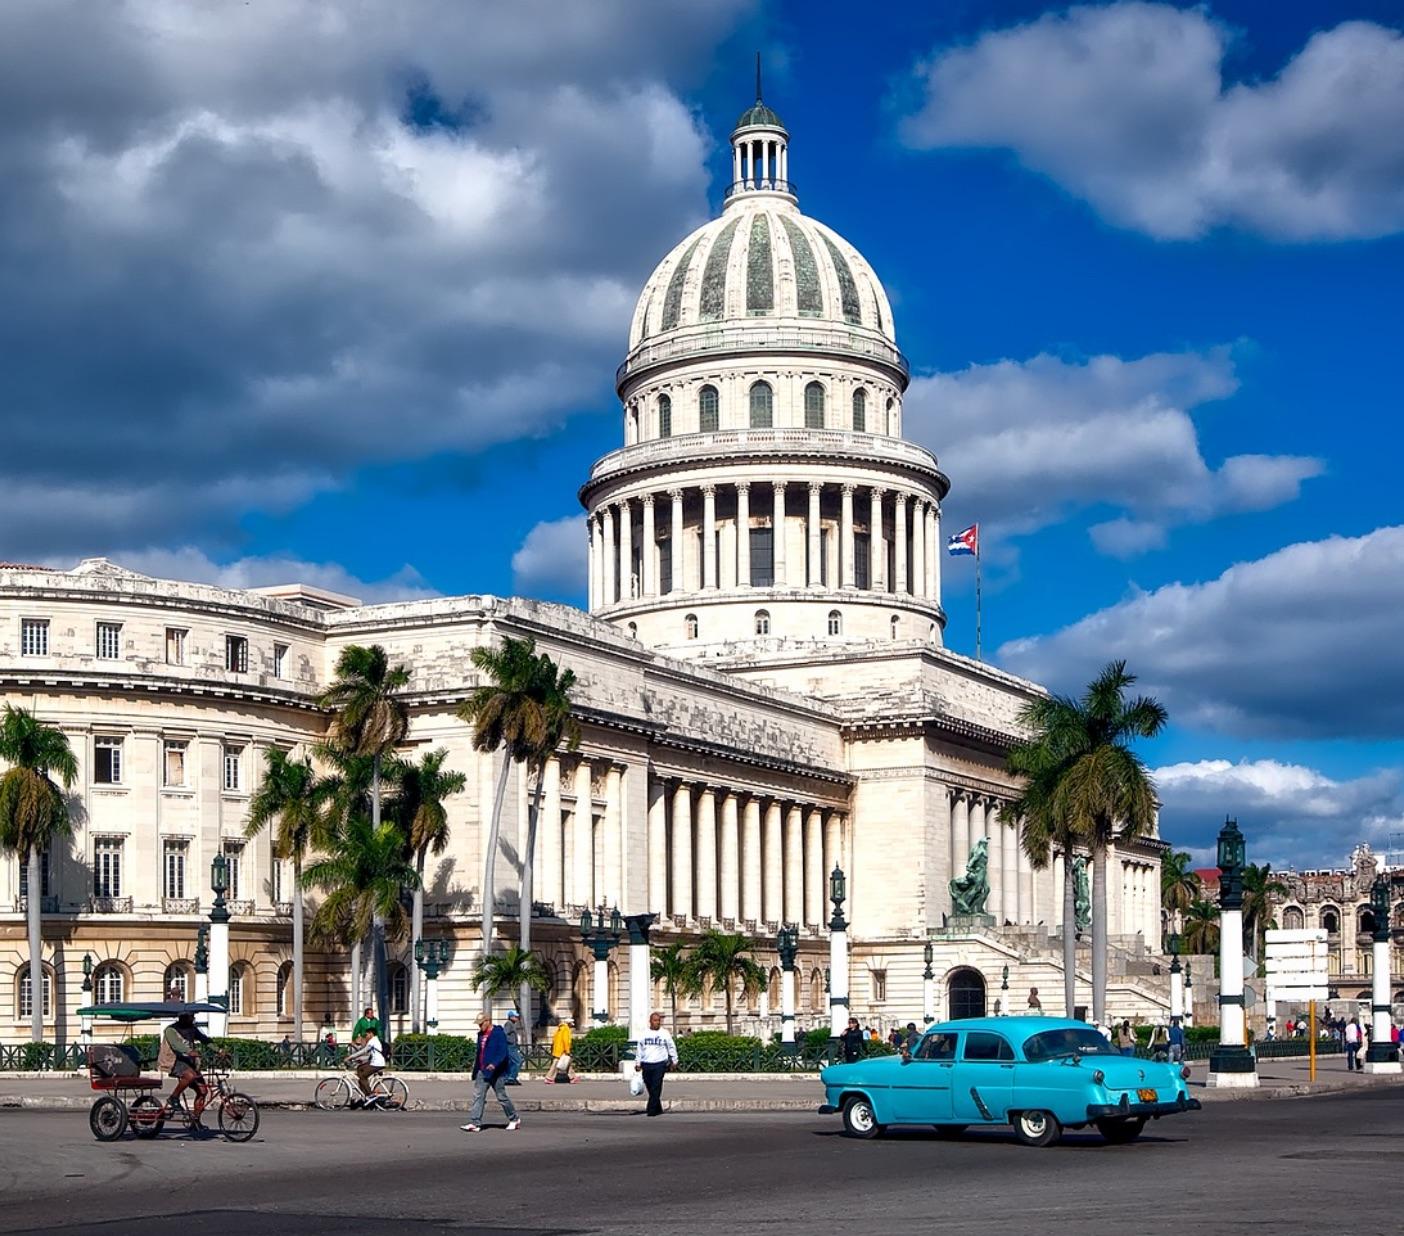 Le capitol de Cuba